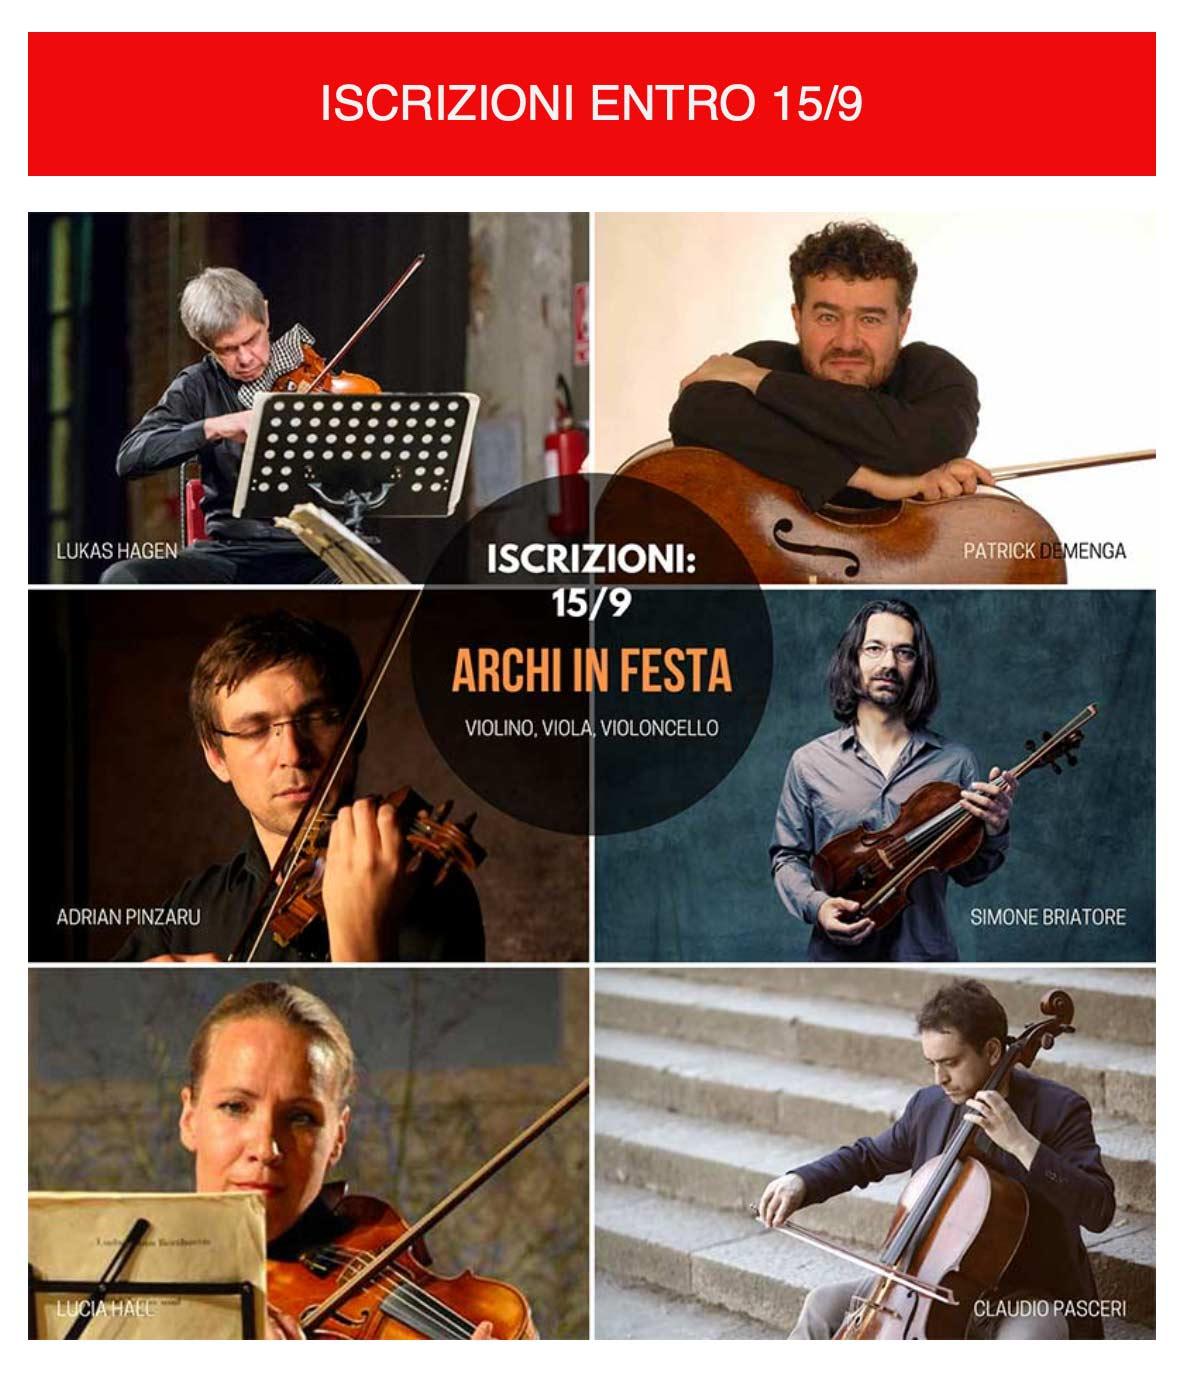 Iscrizioni corsi viola violino violoncello